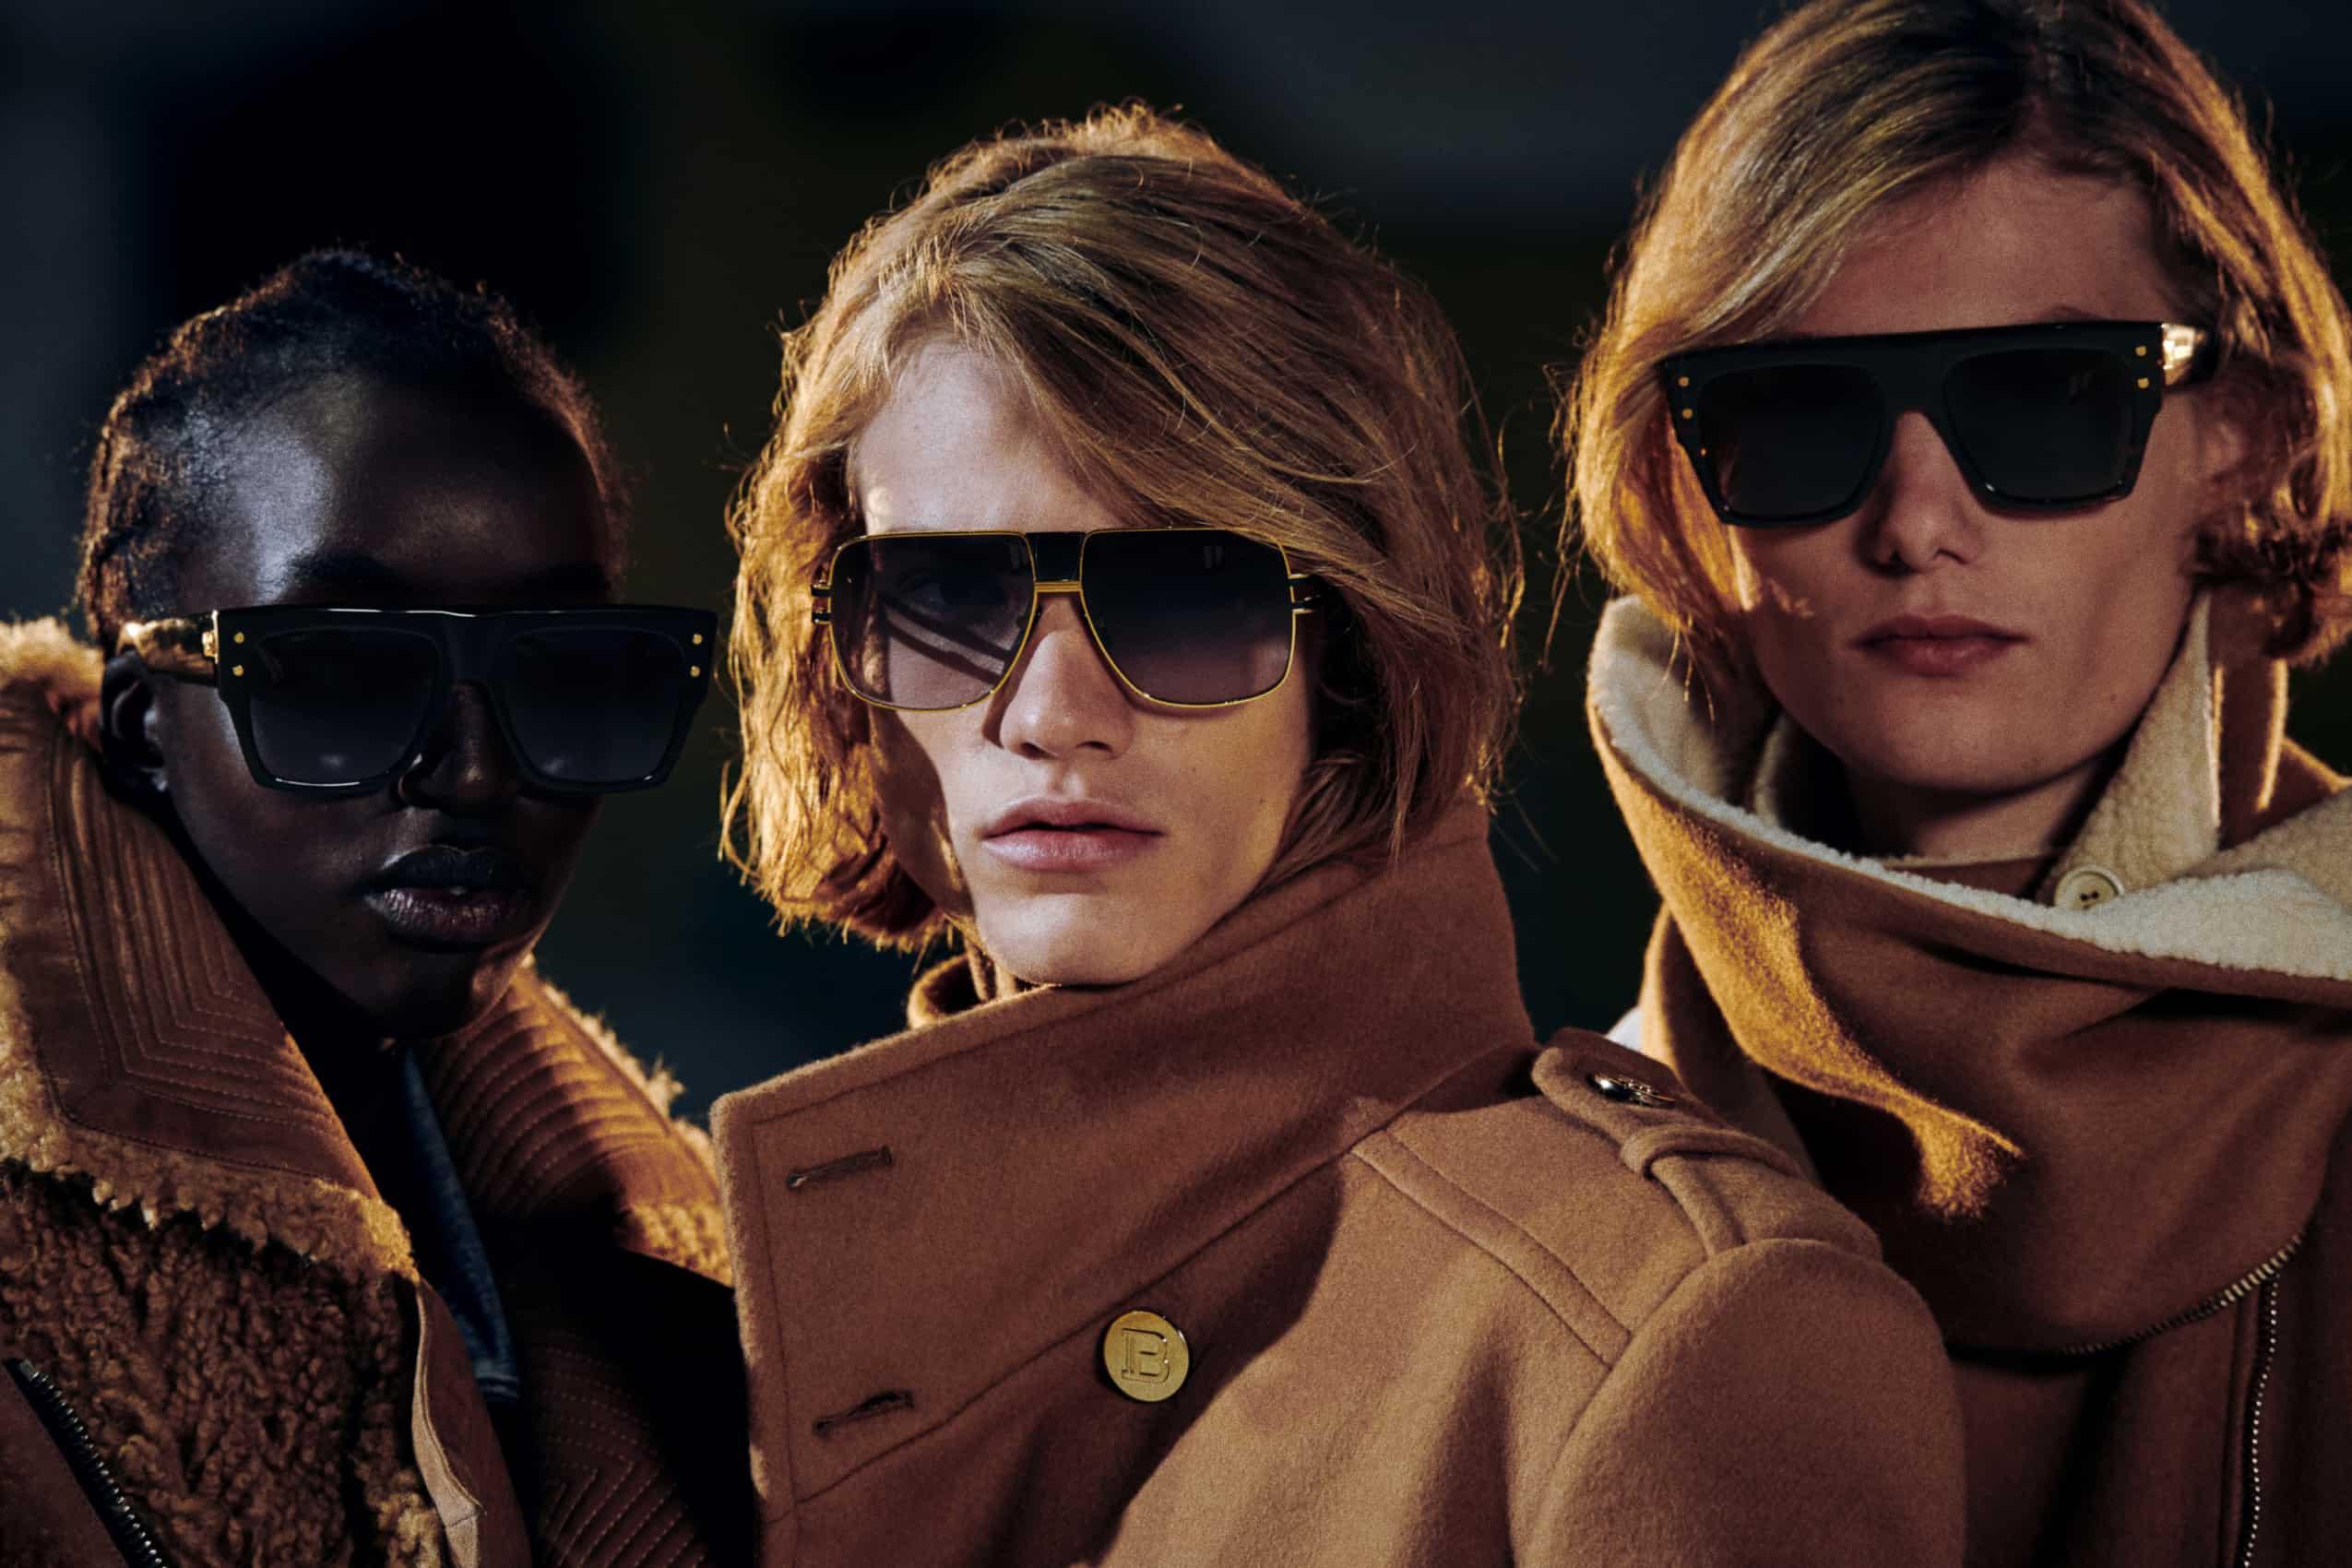 Balmain 联手瑞士眼镜创业品牌Akoni,共同开发眼镜系列